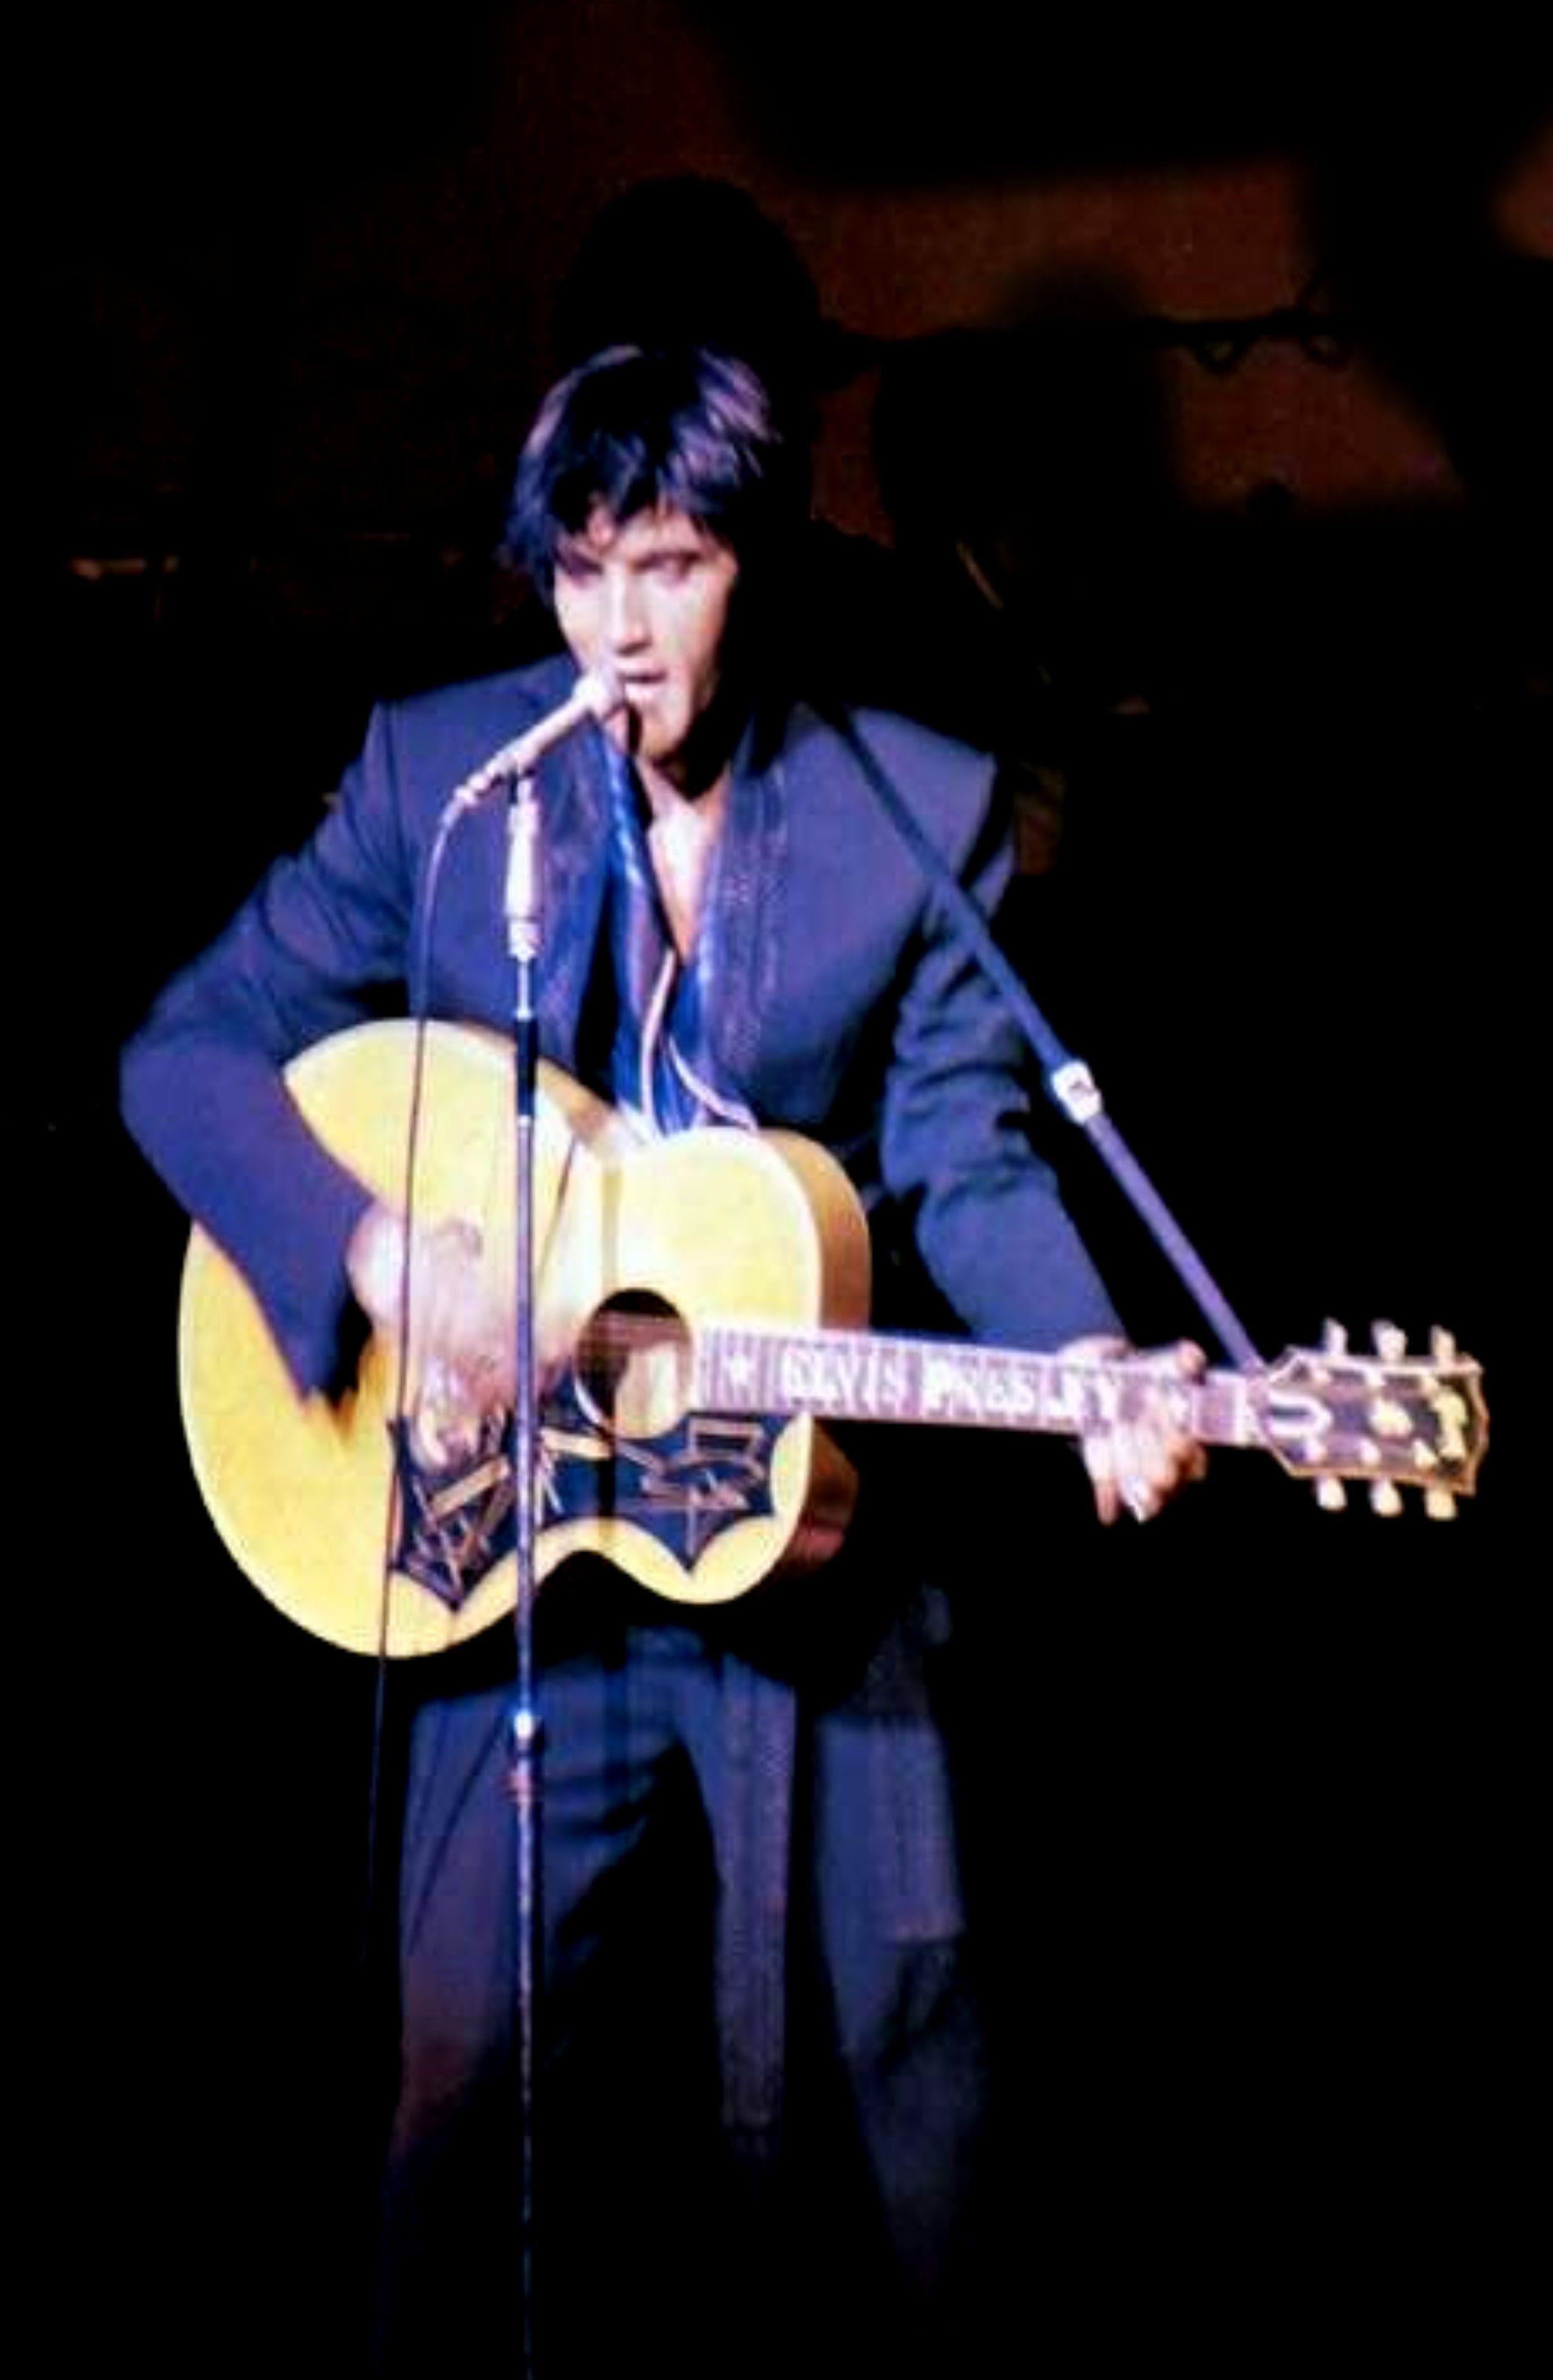 Elvis Live On Stage In 1969 Elvis Presley Elvis Presley Las Vegas Elvis Presley Concerts